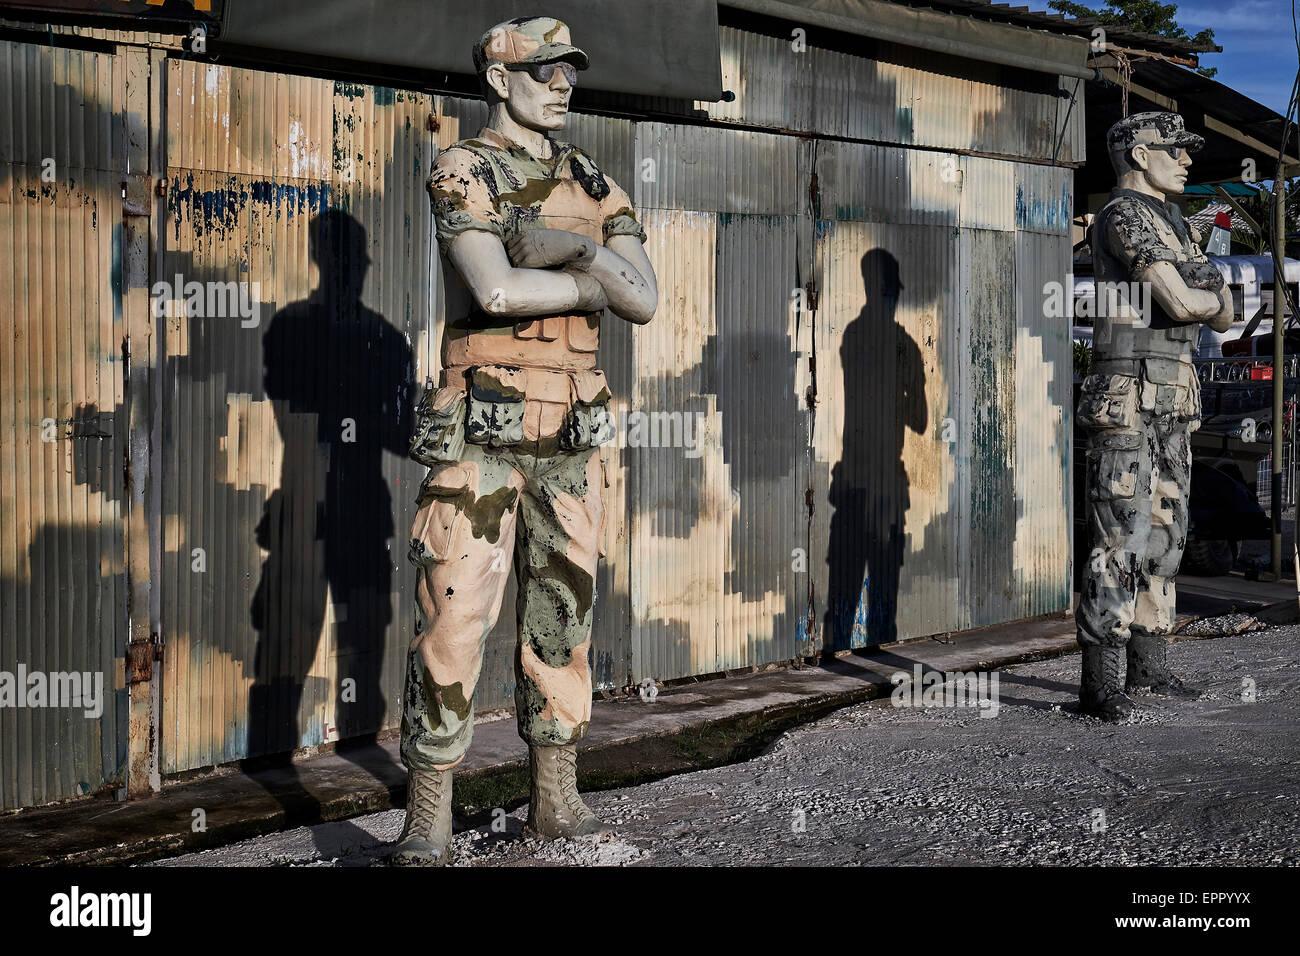 Statuen von einer amerikanischen Special Forces Soldaten am Eingang ein Ausstellungsort des 2. Weltkrieges. Pattaya Stockbild